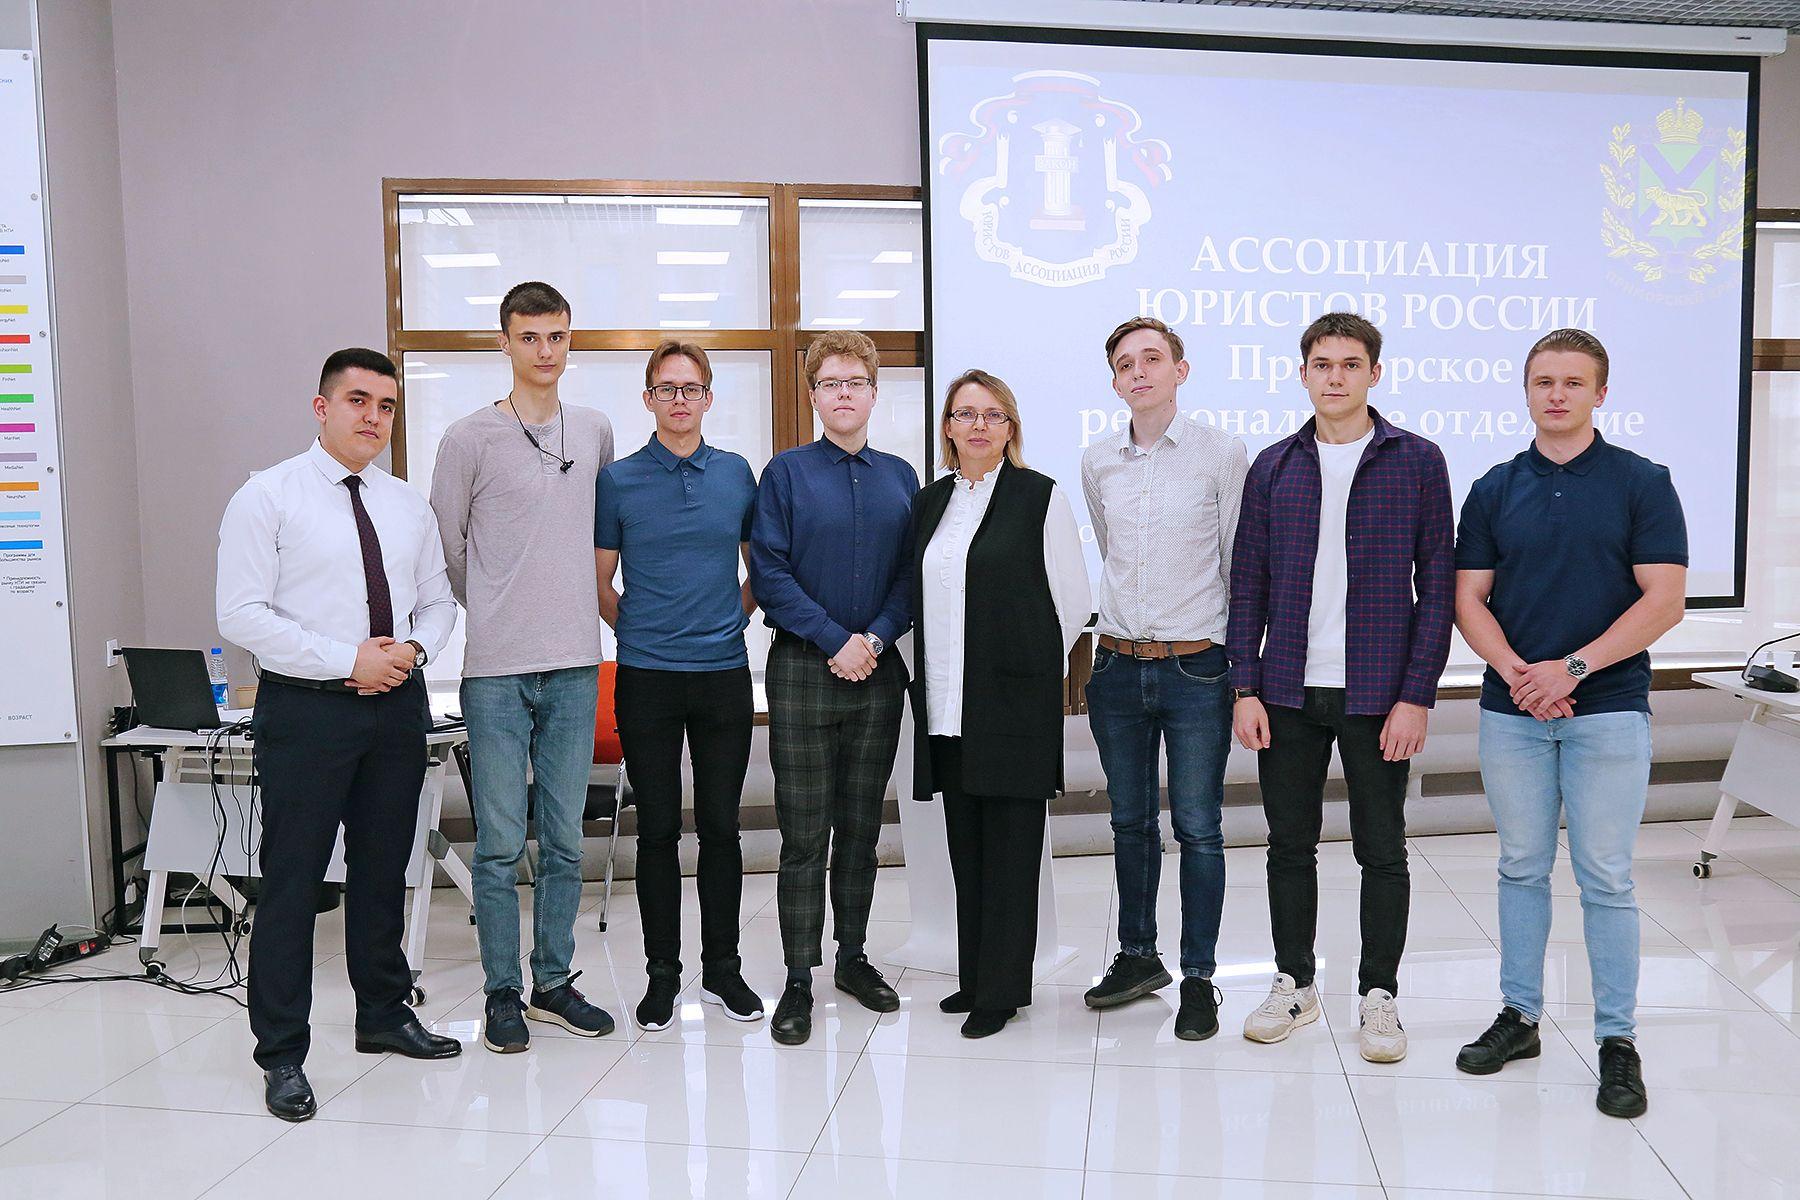 ВГУЭС – первый среди вузов, ведущих обучение по юриспруденции